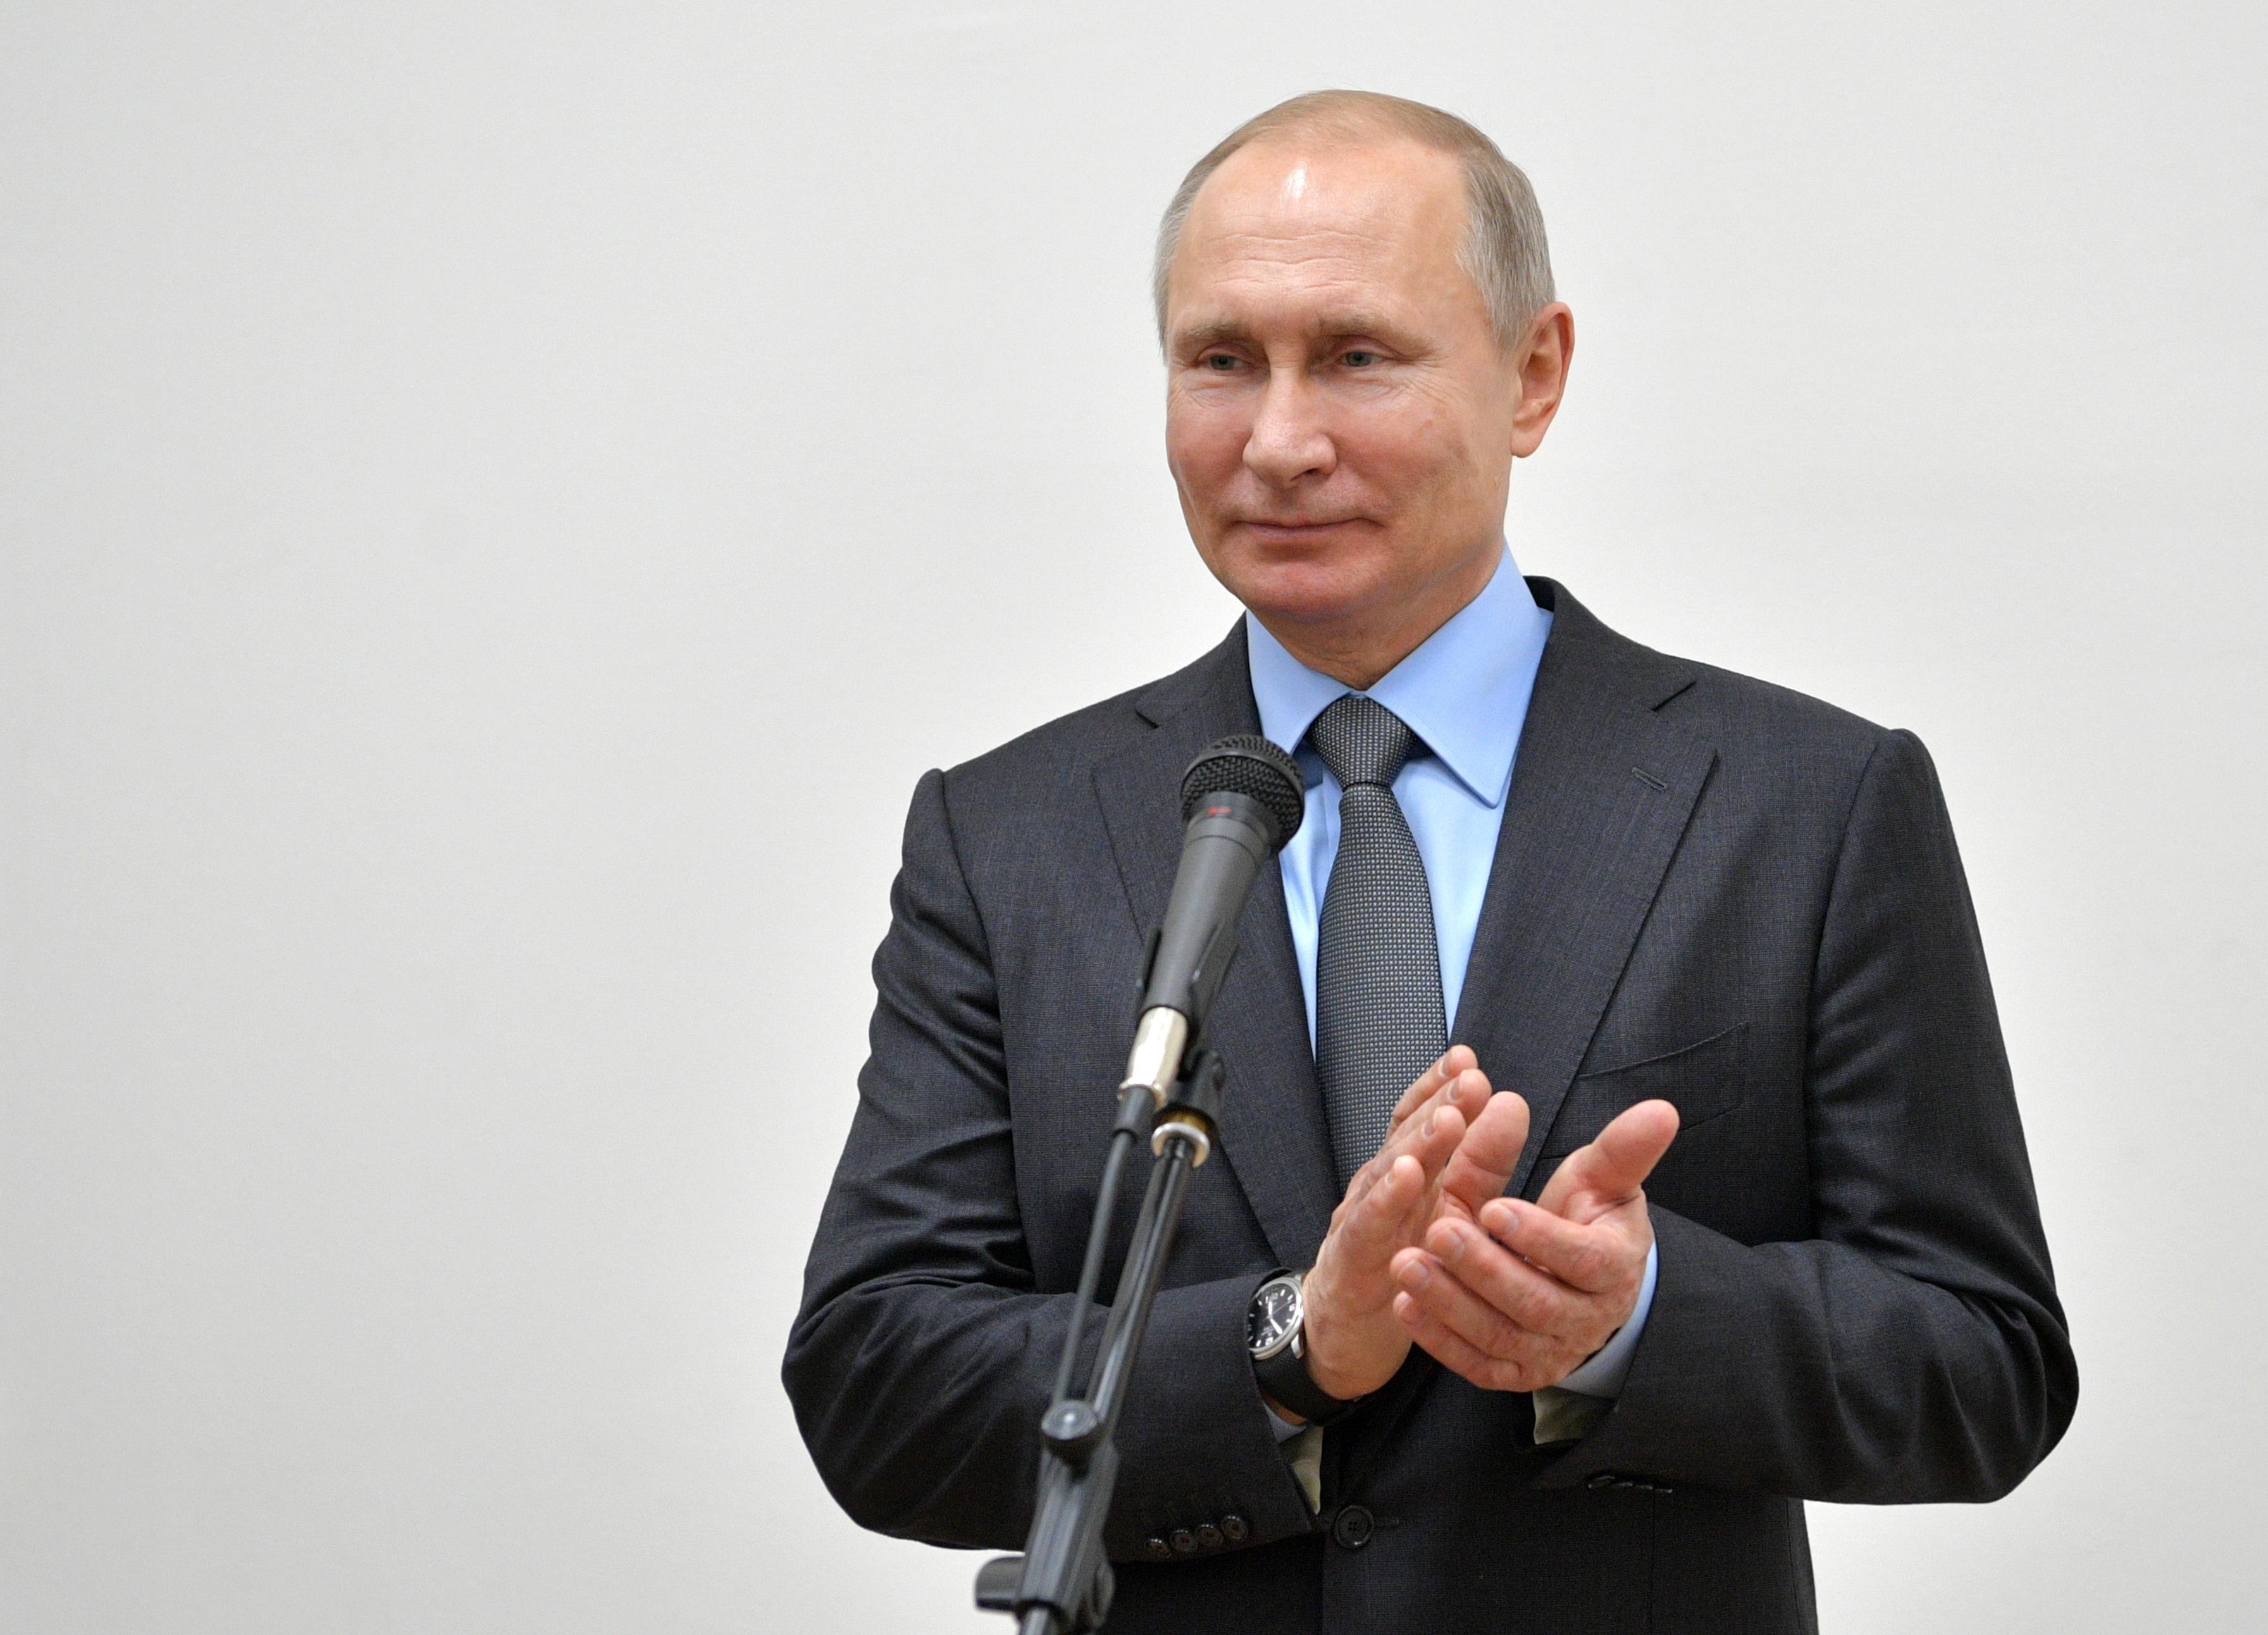 Очень сложно рисовать реальное восприятие Владимира Путина, отметил эксперт